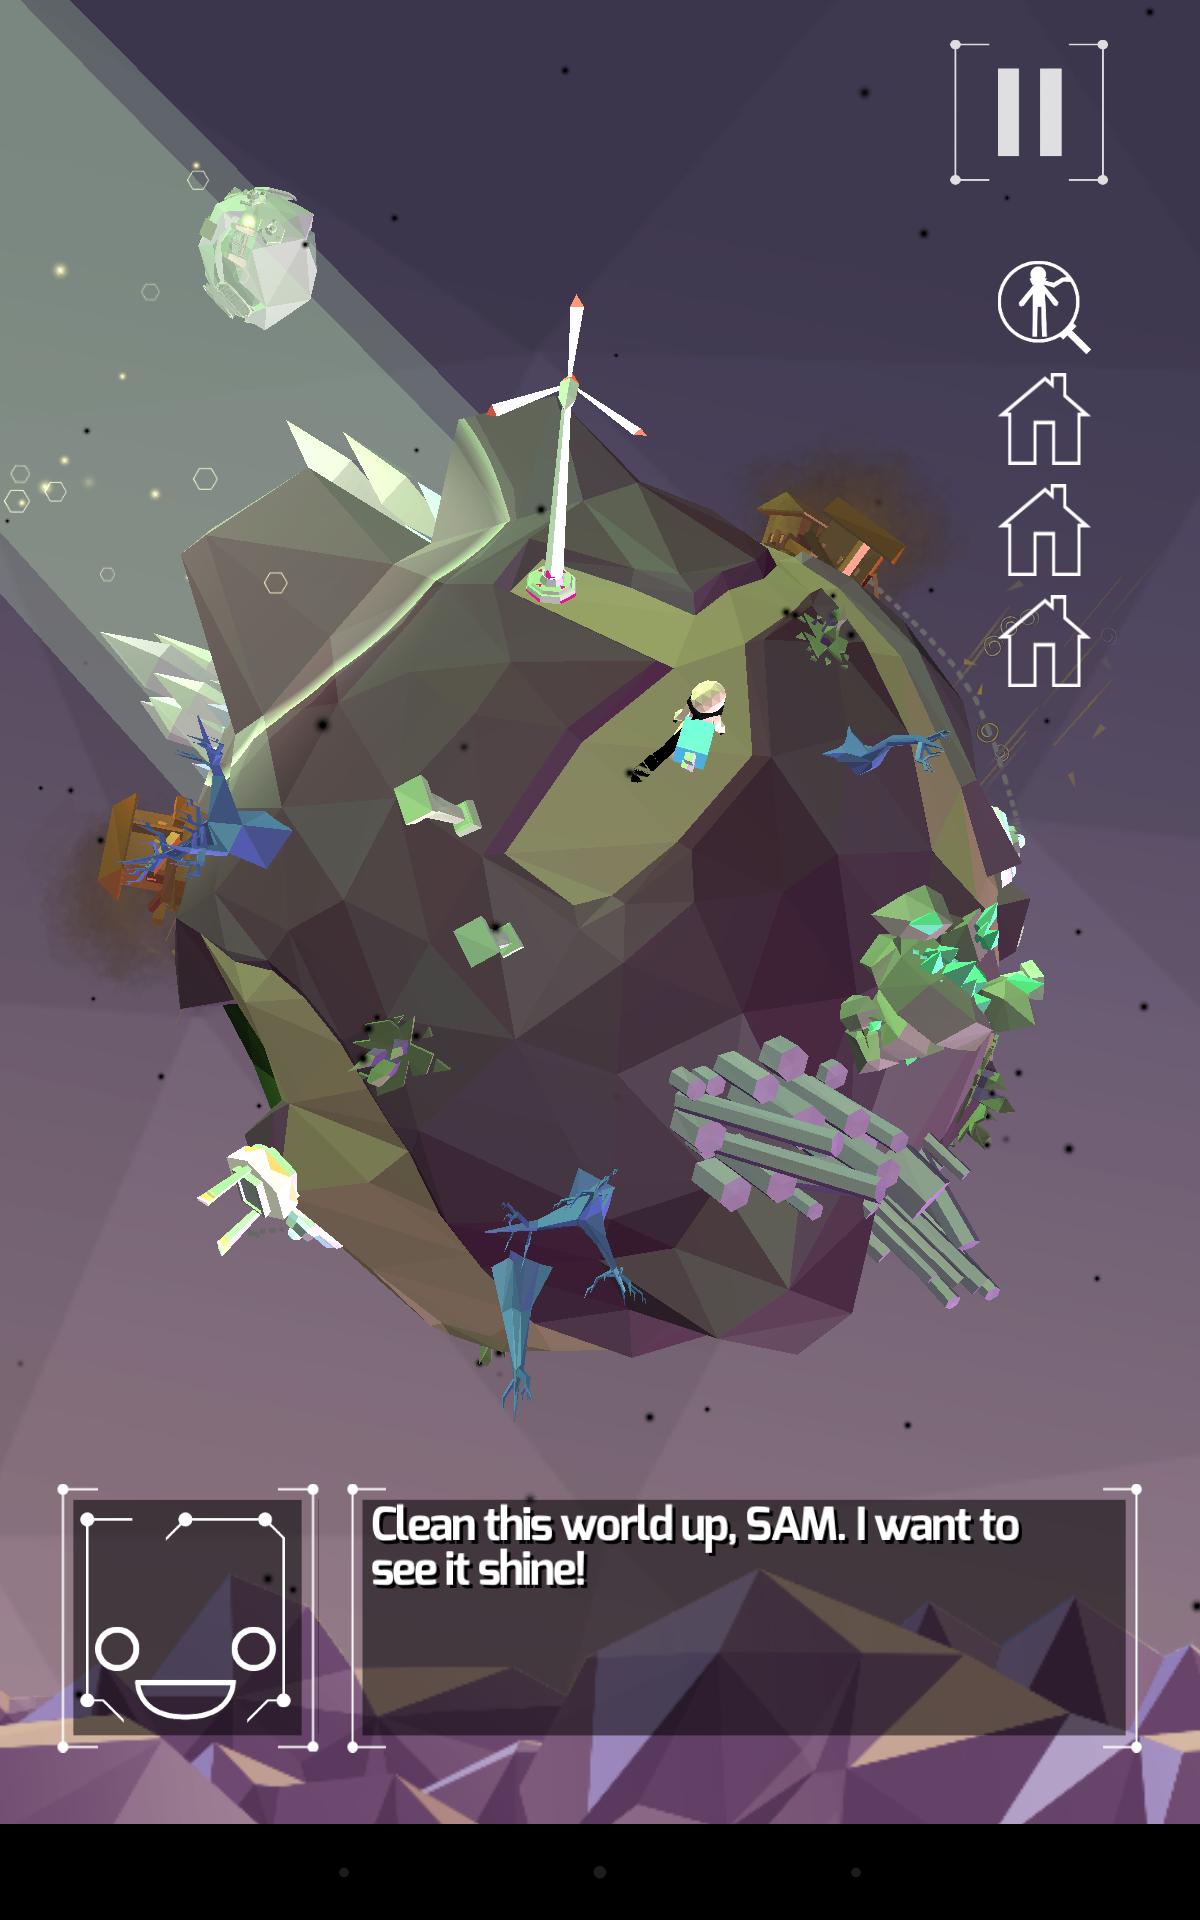 Screenshot: Der Androide Sam befindet sich auf einem düsteren Planeten mit einem Windrad.